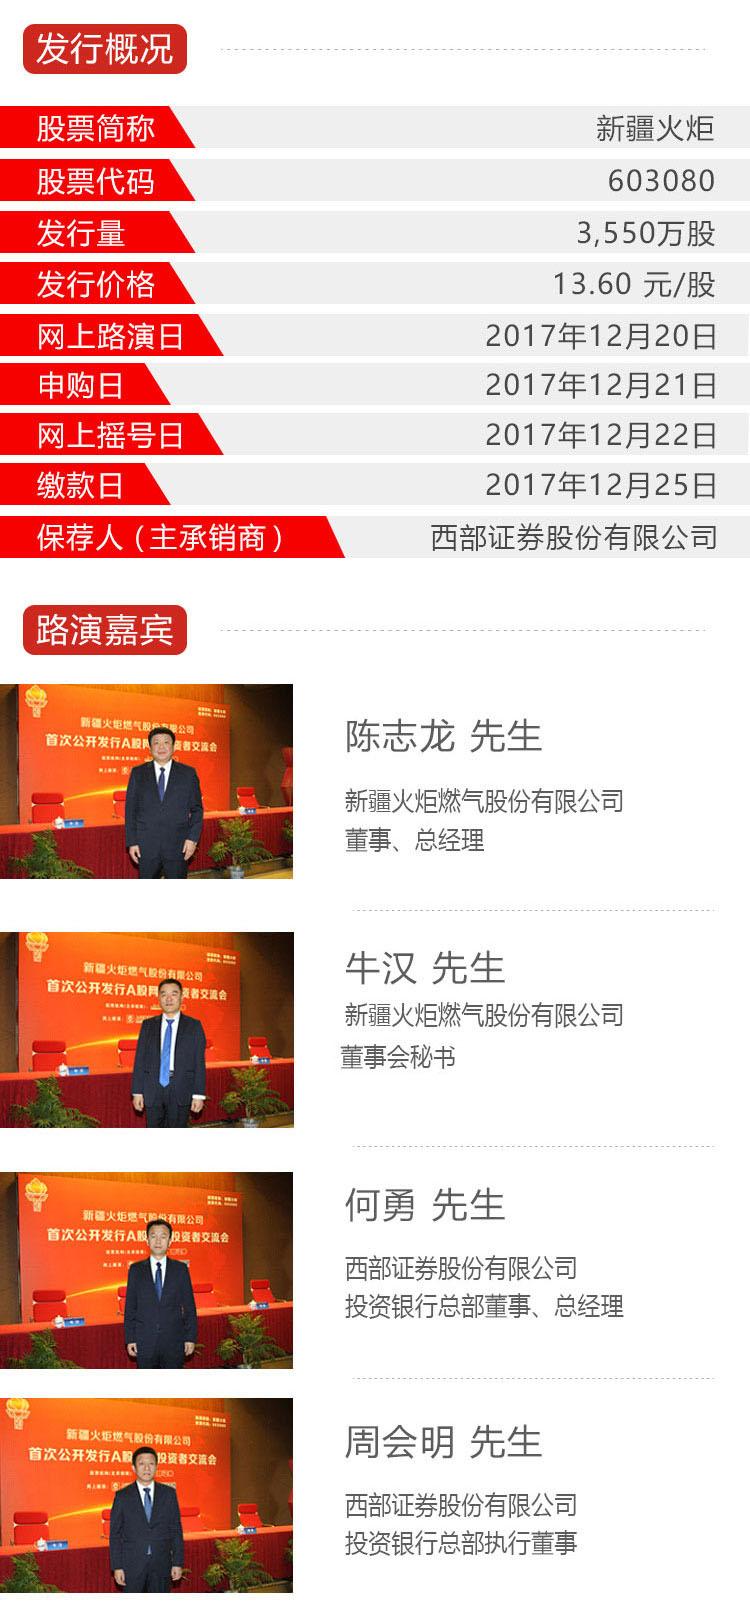 新疆火炬路演_03.jpg